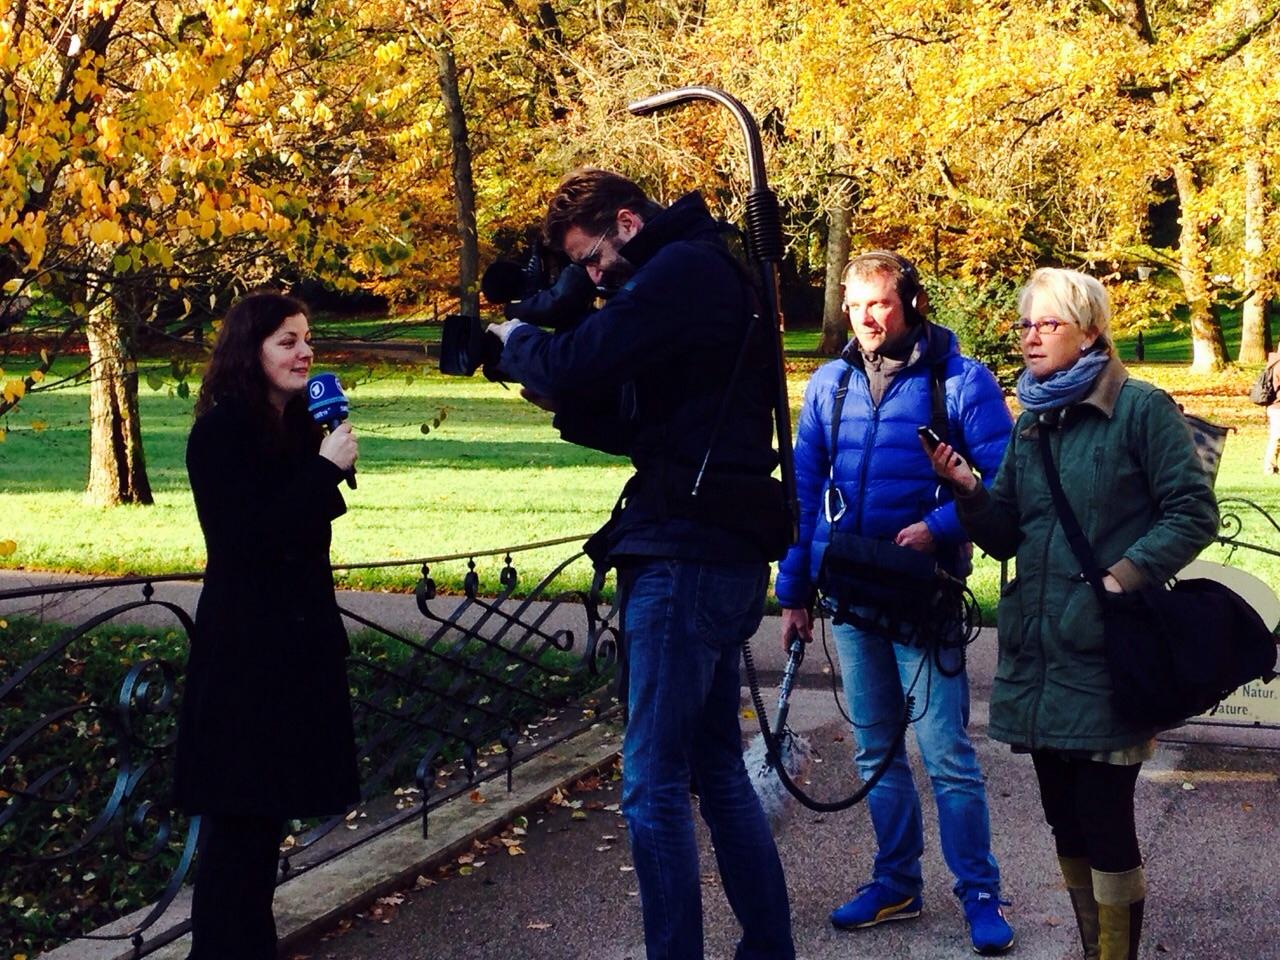 Andrea Mueller Trainerin für die SWR-Volontäre beim Fernsehkurs, Baden-Baden im November 2014